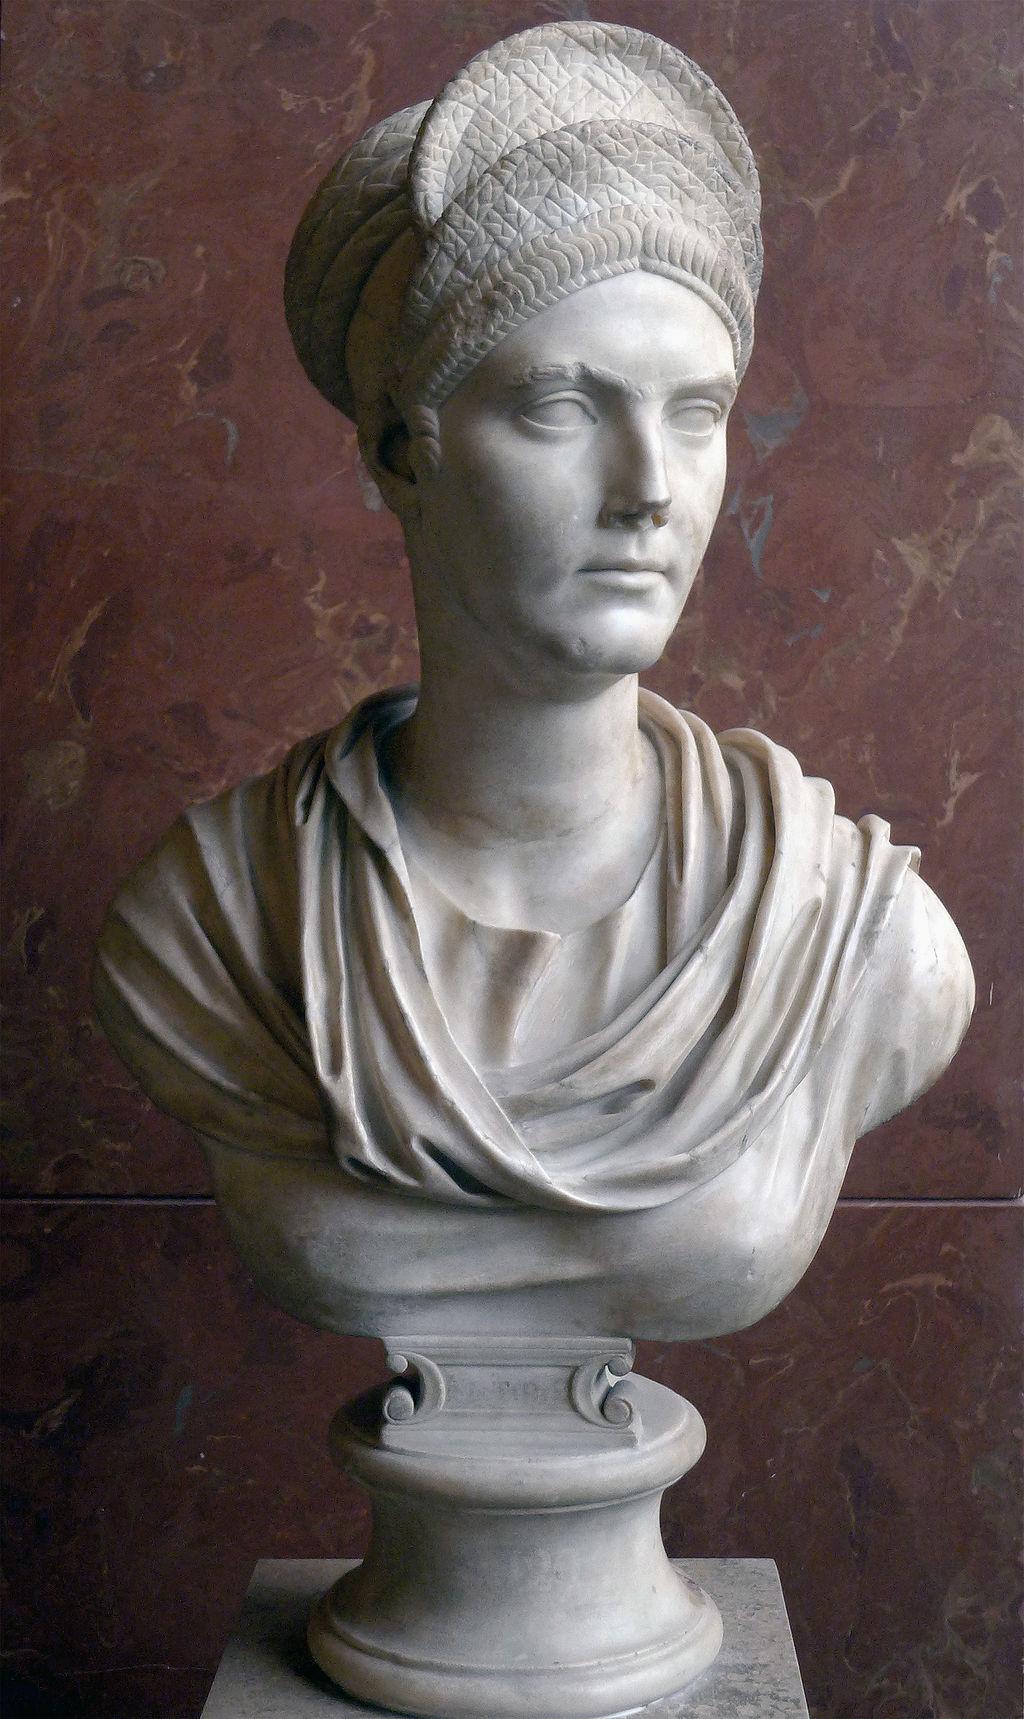 Buste van Salonina Matidia, nicht van keizer Trajanus en echtgenote van keizer Hadrianus. Marmeren, Louvre museum, Parijs